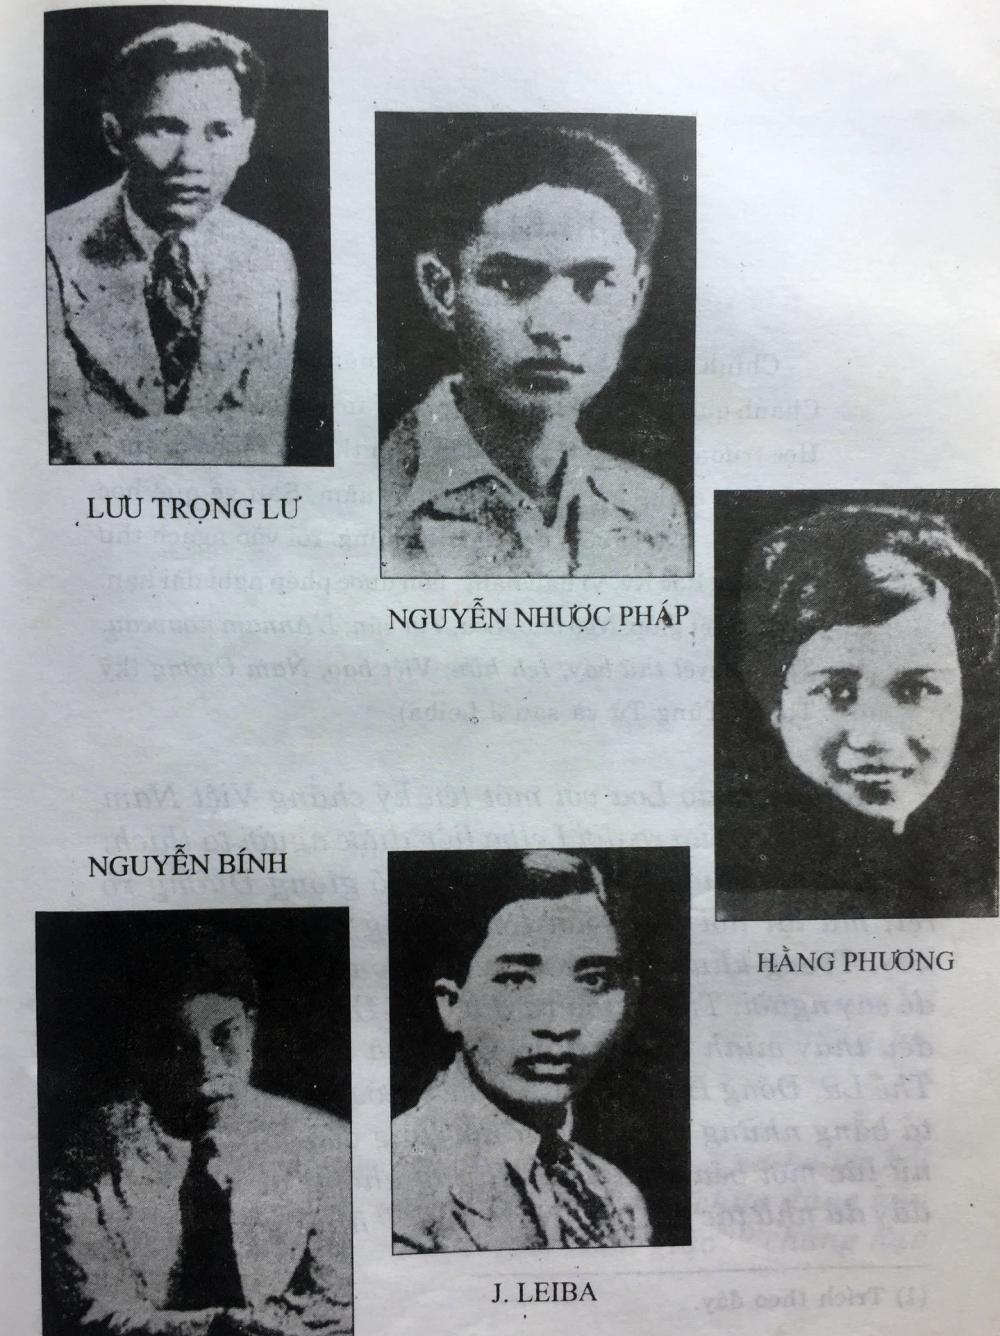 Một số nhà thơ trong phong trào Thơ mới trong sách Thi nhân Việt Nam, NXB Văn học, 2006.